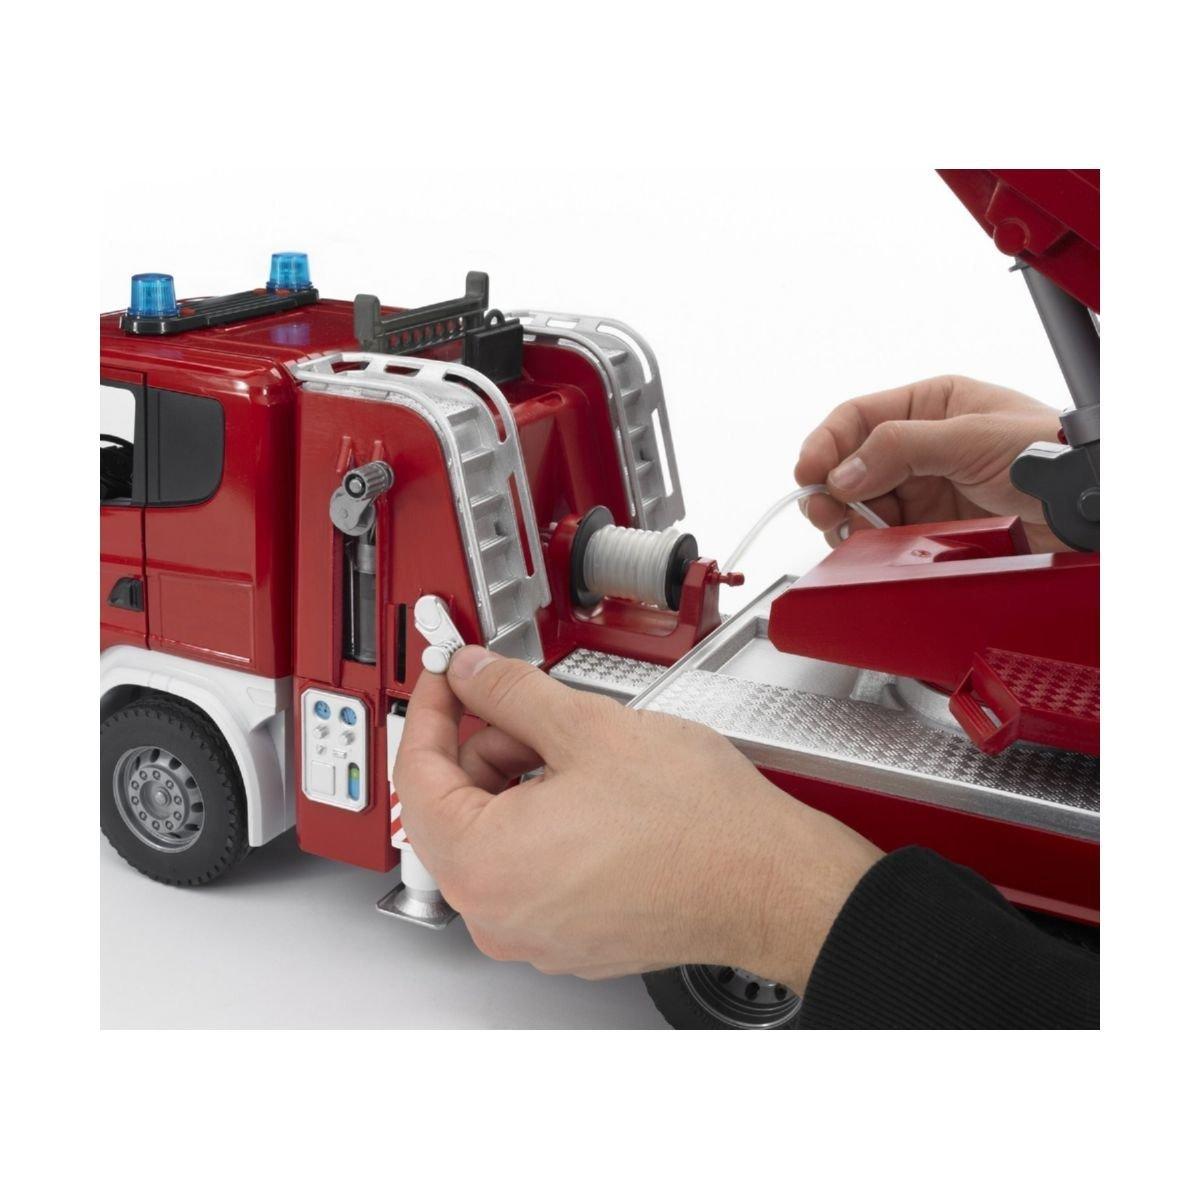 Пожарная машина SCANIA R-series с лестницей Bruder 3590 ТМ: Bruder